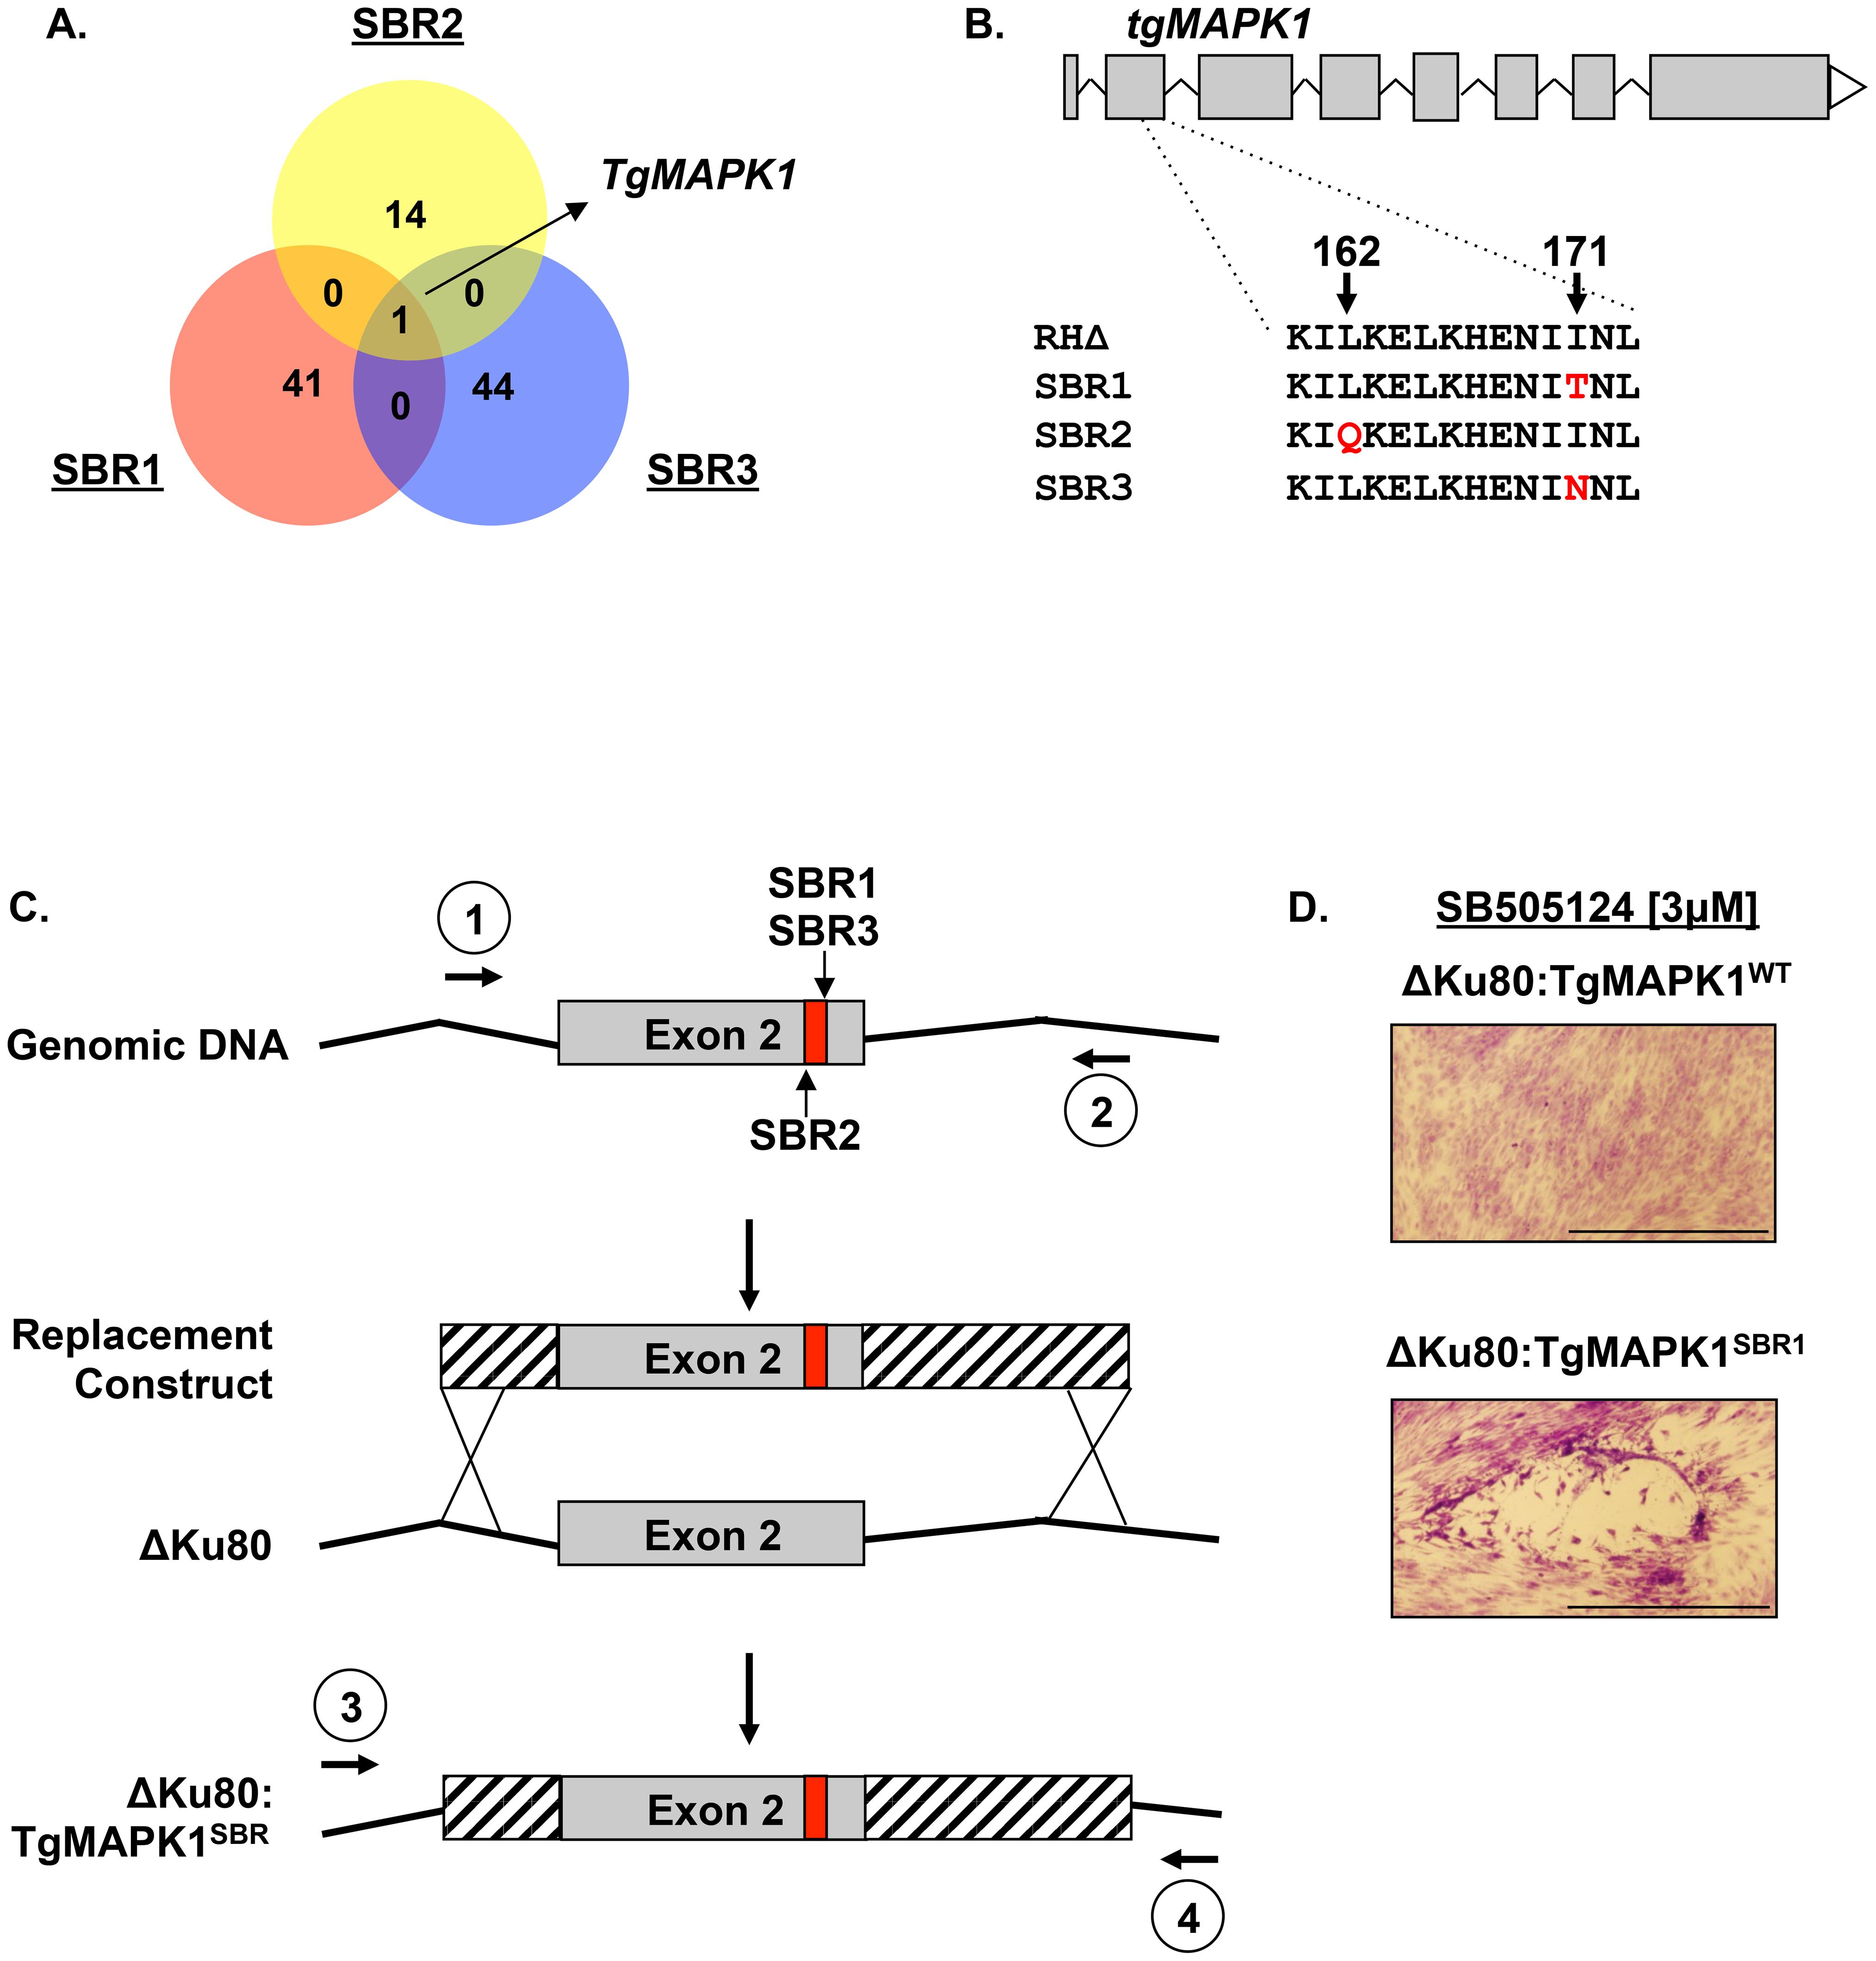 TgMAPK1 is an SBR gene.